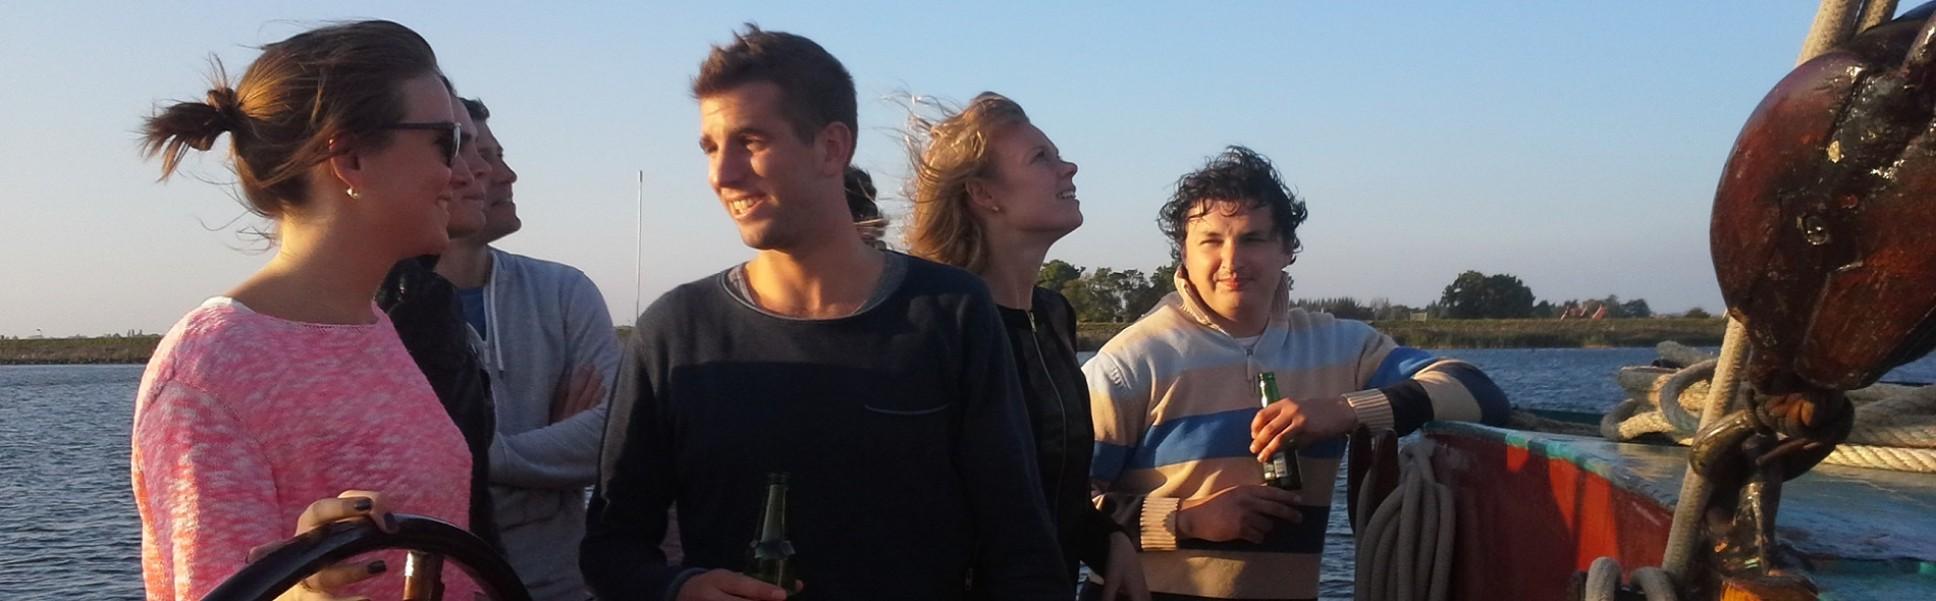 Wochenende Segeln mit Freunden